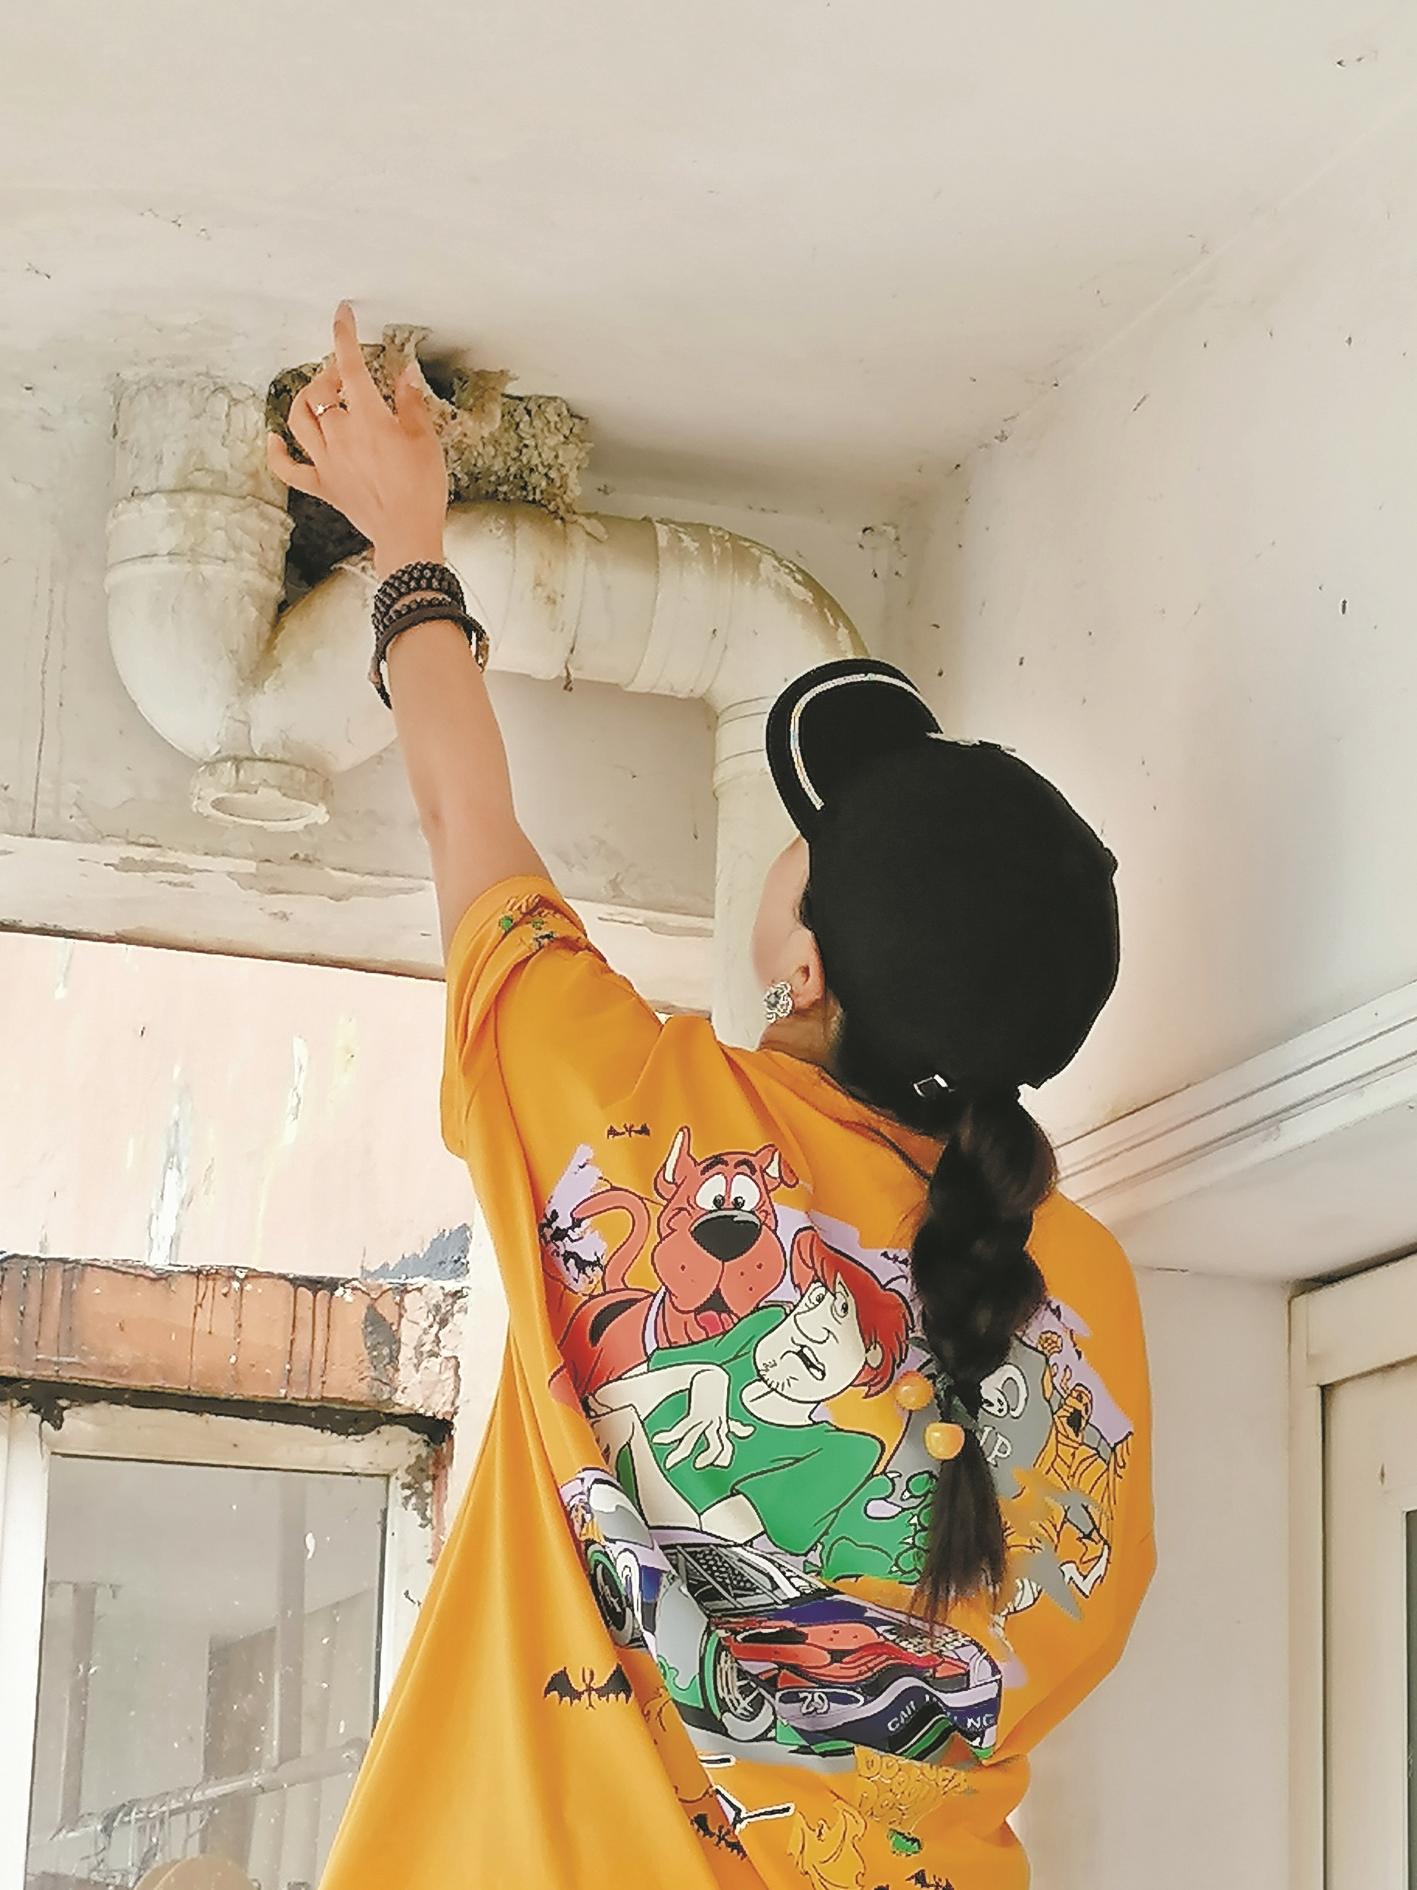 利川女子不封阳台为燕子留路 8年来  燕儿在她家阳台安家繁衍快乐生活